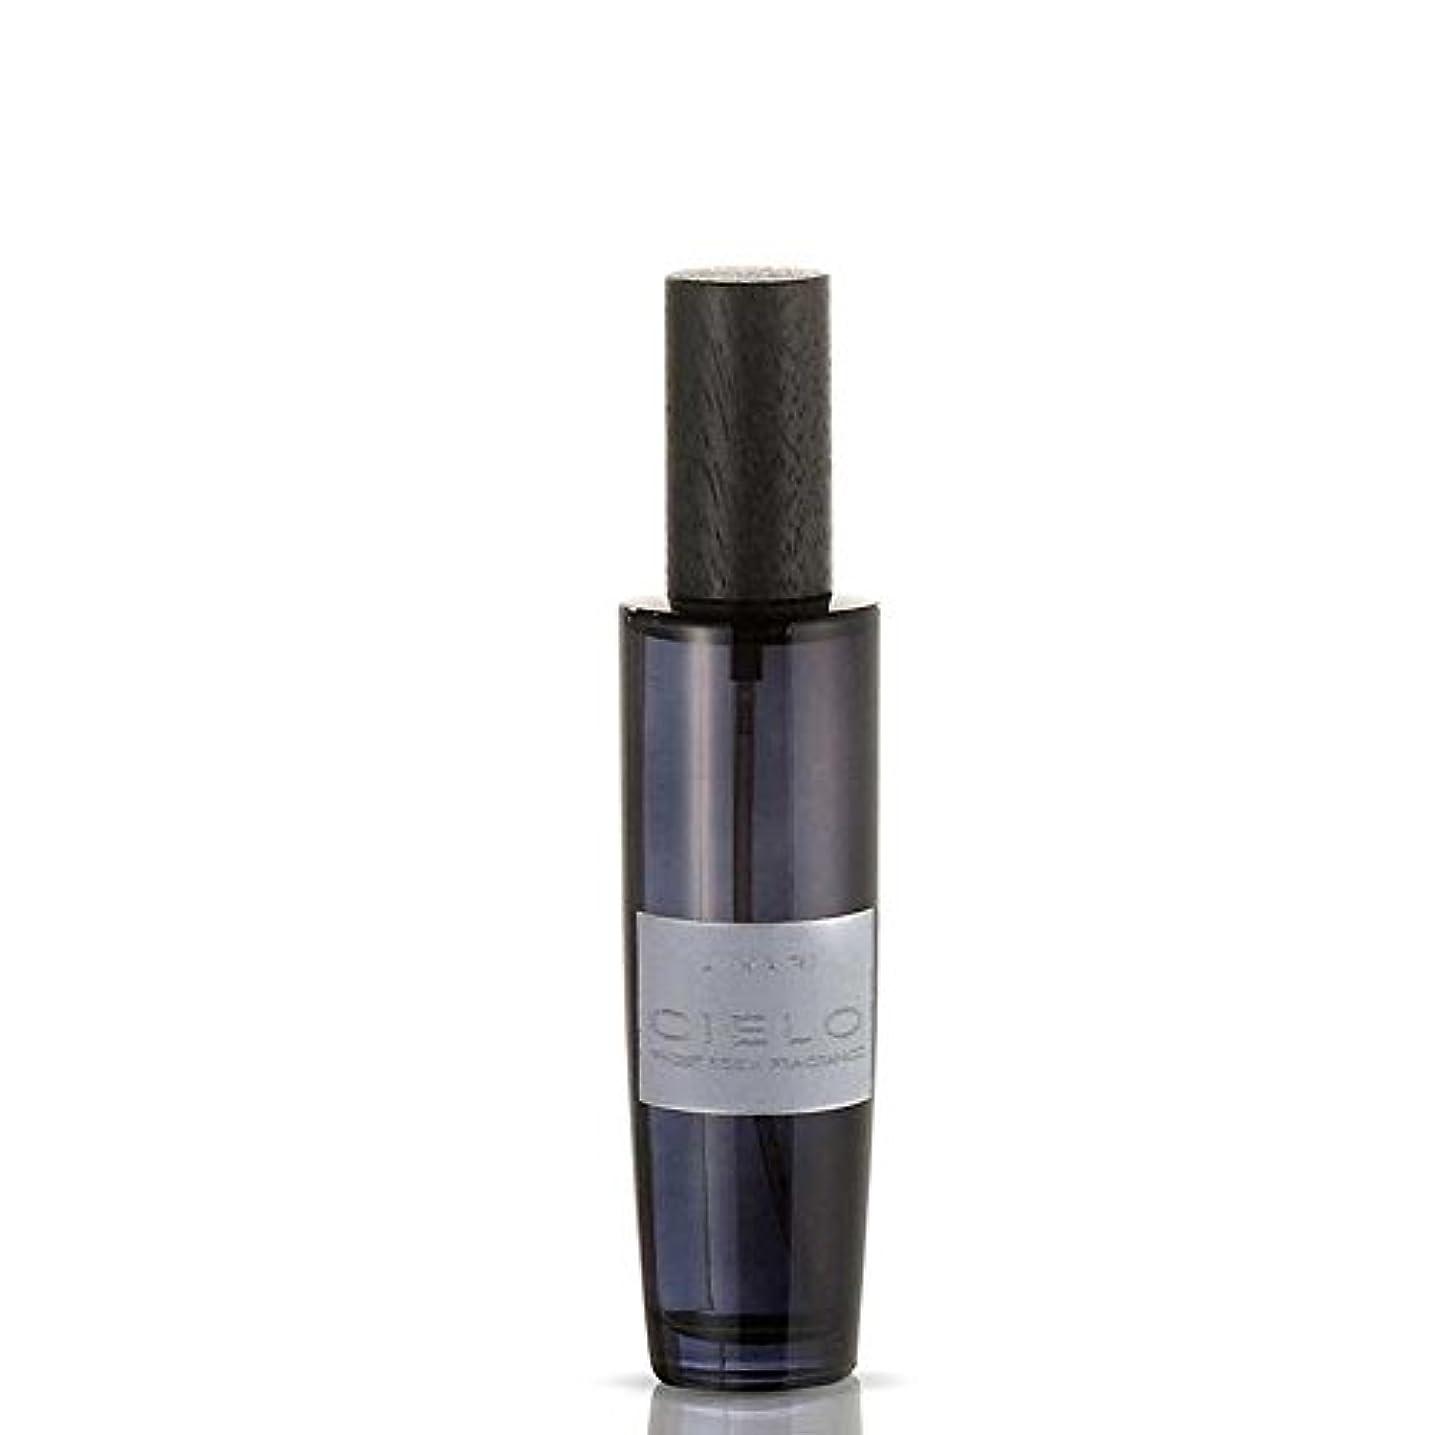 移動期限怪しいLINARI リナーリ ルームスプレー Room Spray チェロ CIELO BLACK AMETHYST LINE